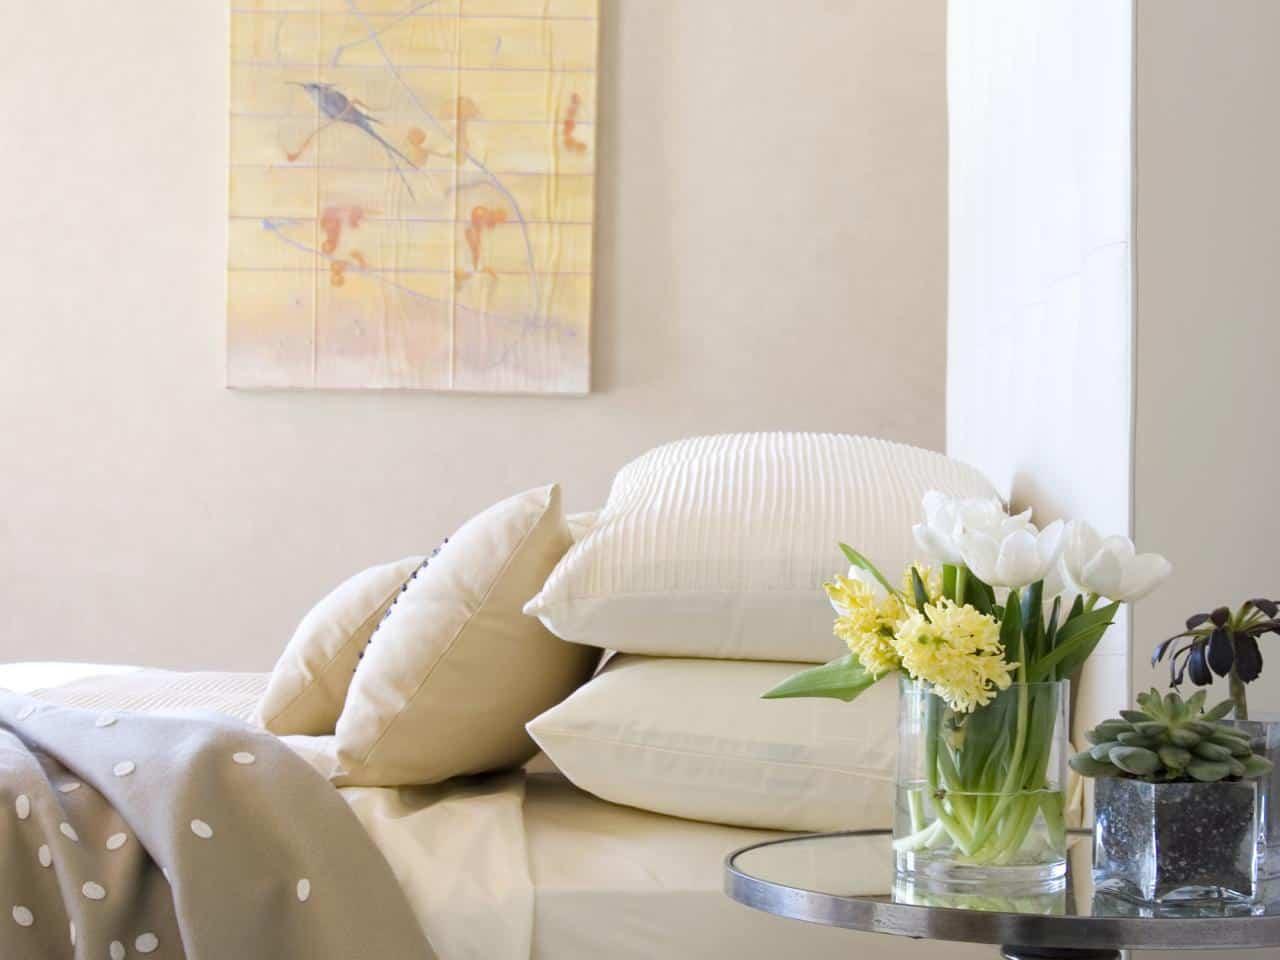 Sarı çiçeklerin ipucu Tüm Gün Büyüleyici Parlak ve Yatak Odası İçin Sarı Rengi Kullanmanın Çekici Yolları